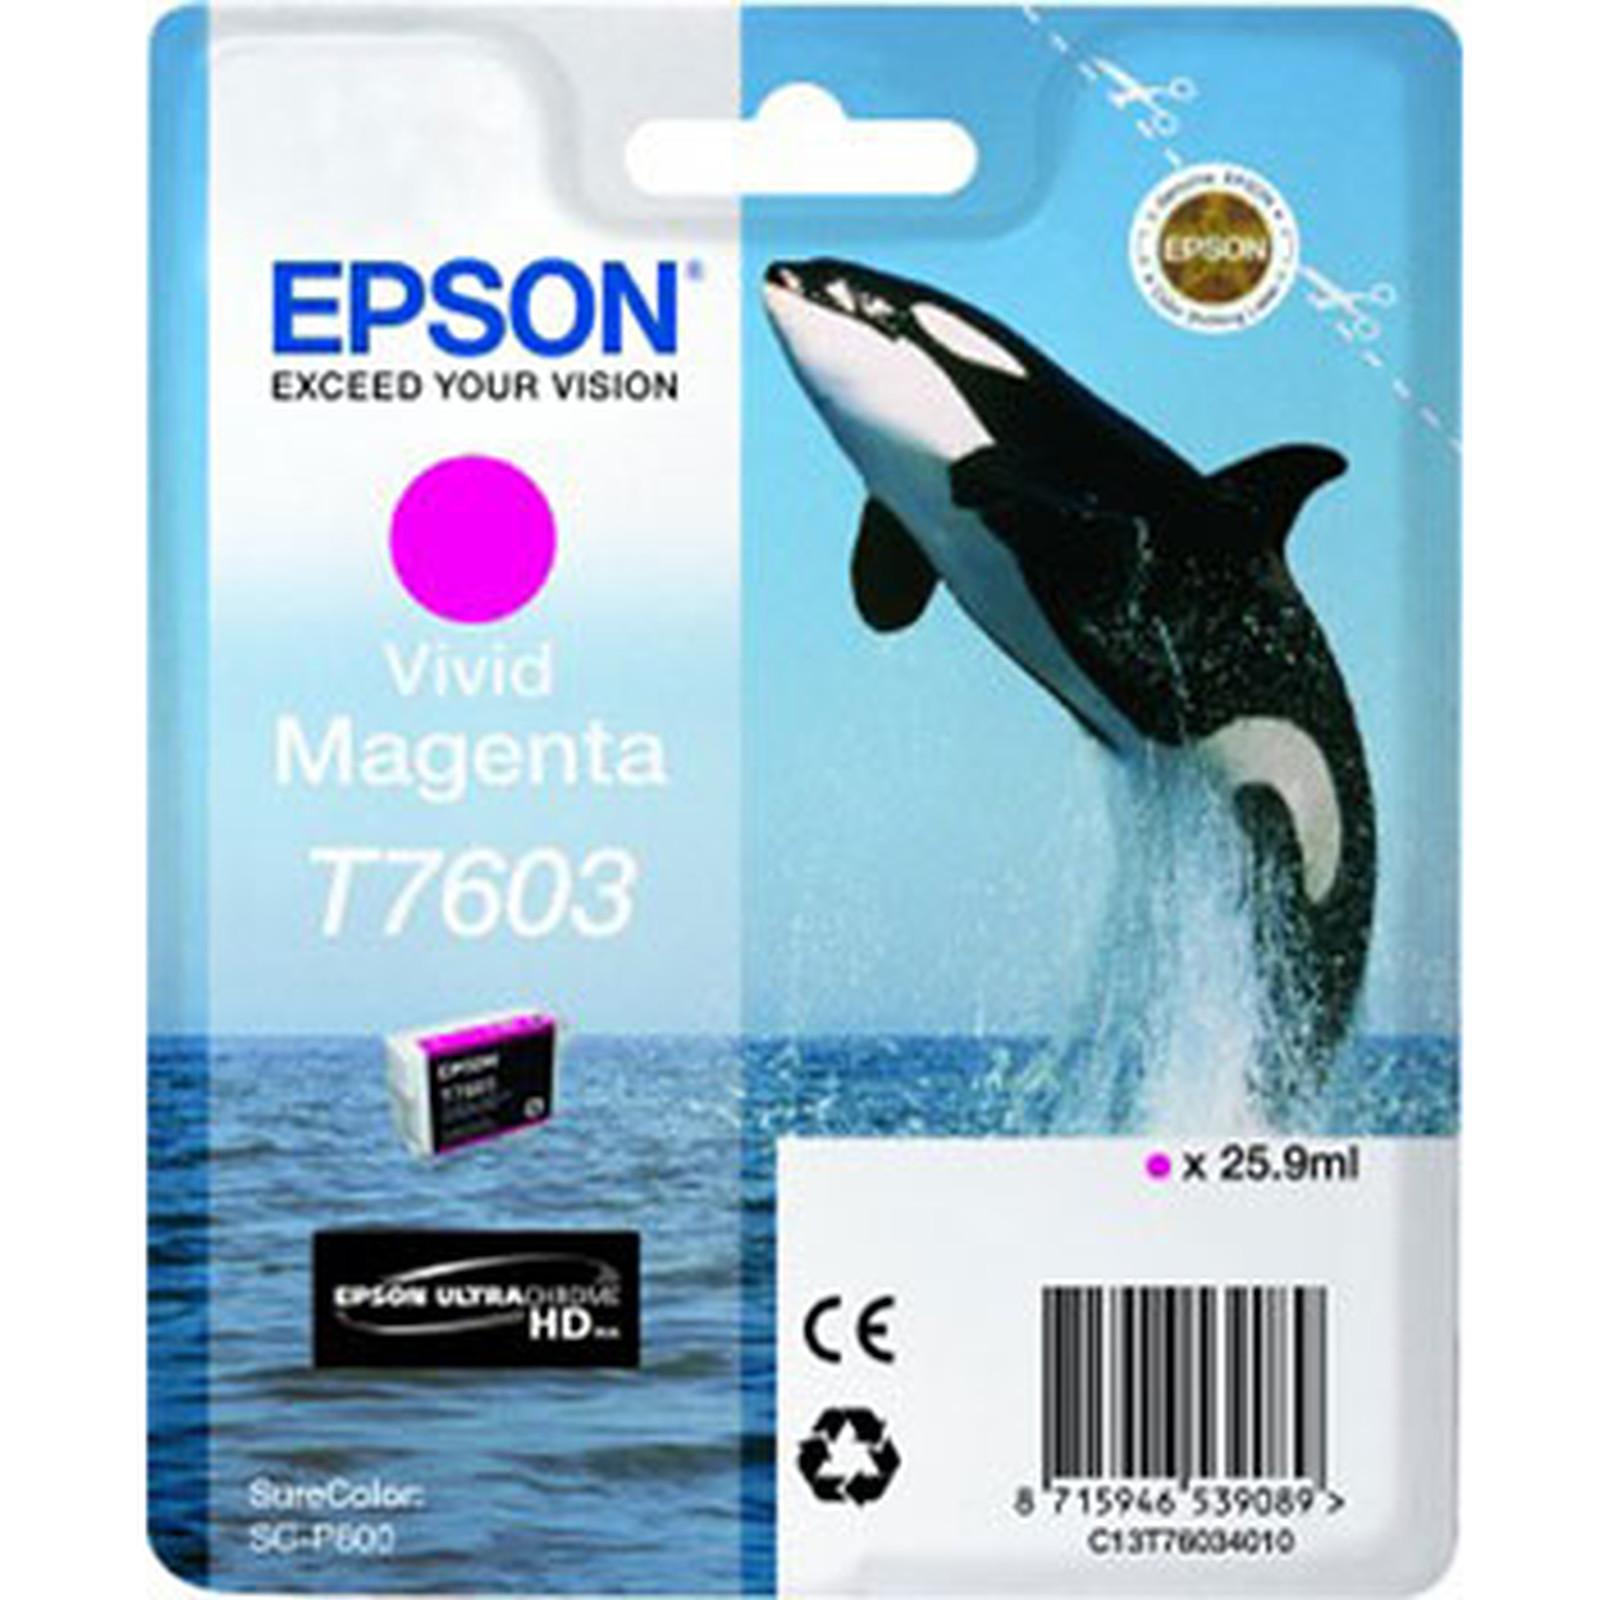 Epson T7603